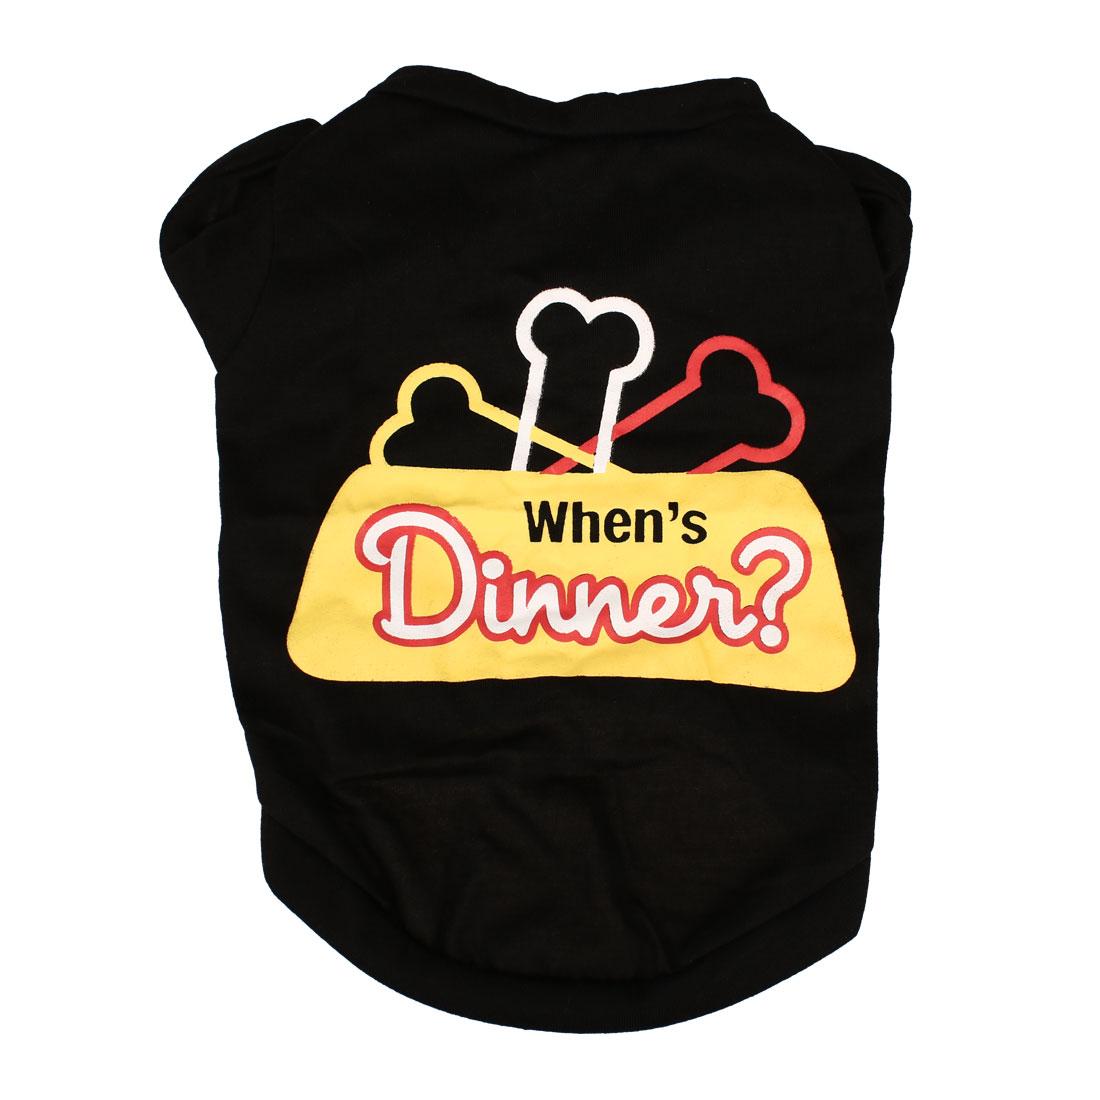 Dog T Shirt Puppy Pet Cat Sweatshirt Tops Clothes Apparel Vest Costume, #15, XS